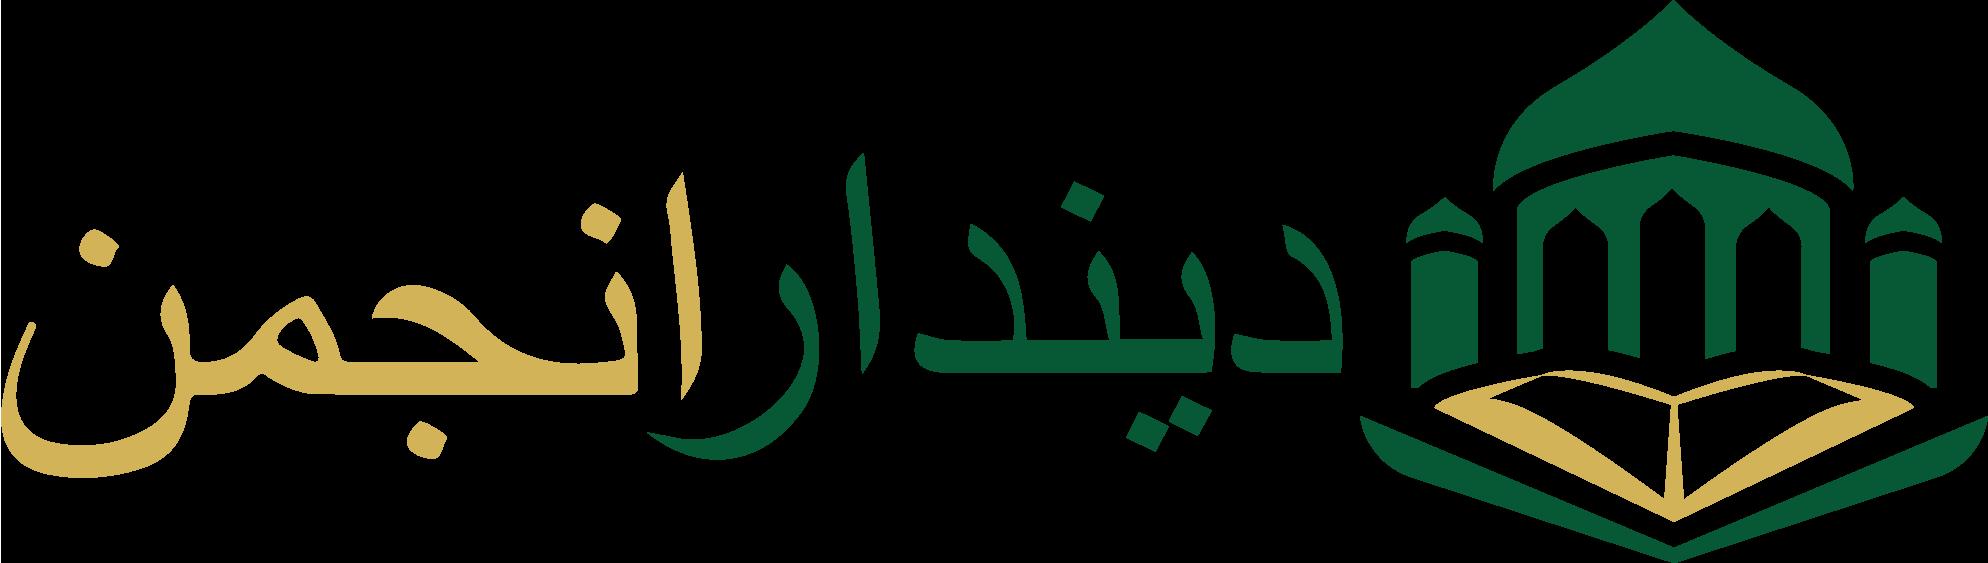 deendar